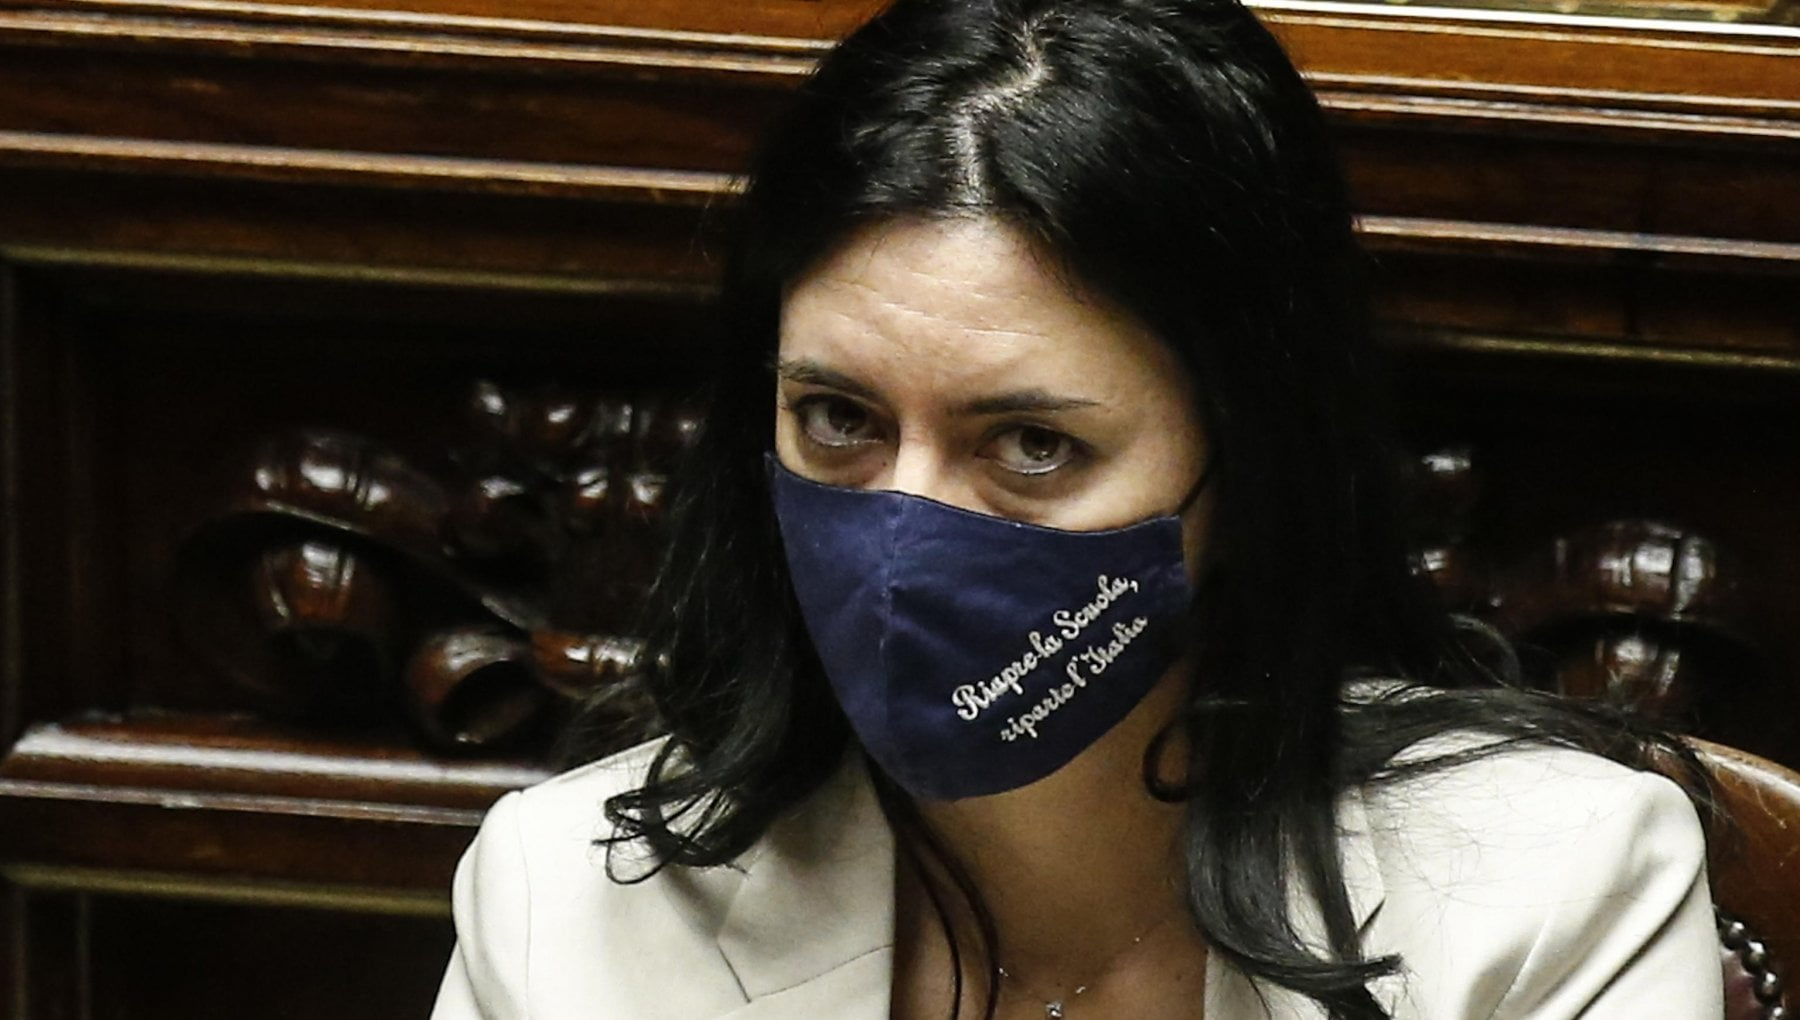 Scuole chiuse ma la circolare della ministra Azzolina era un fake autore individuato e denunciato